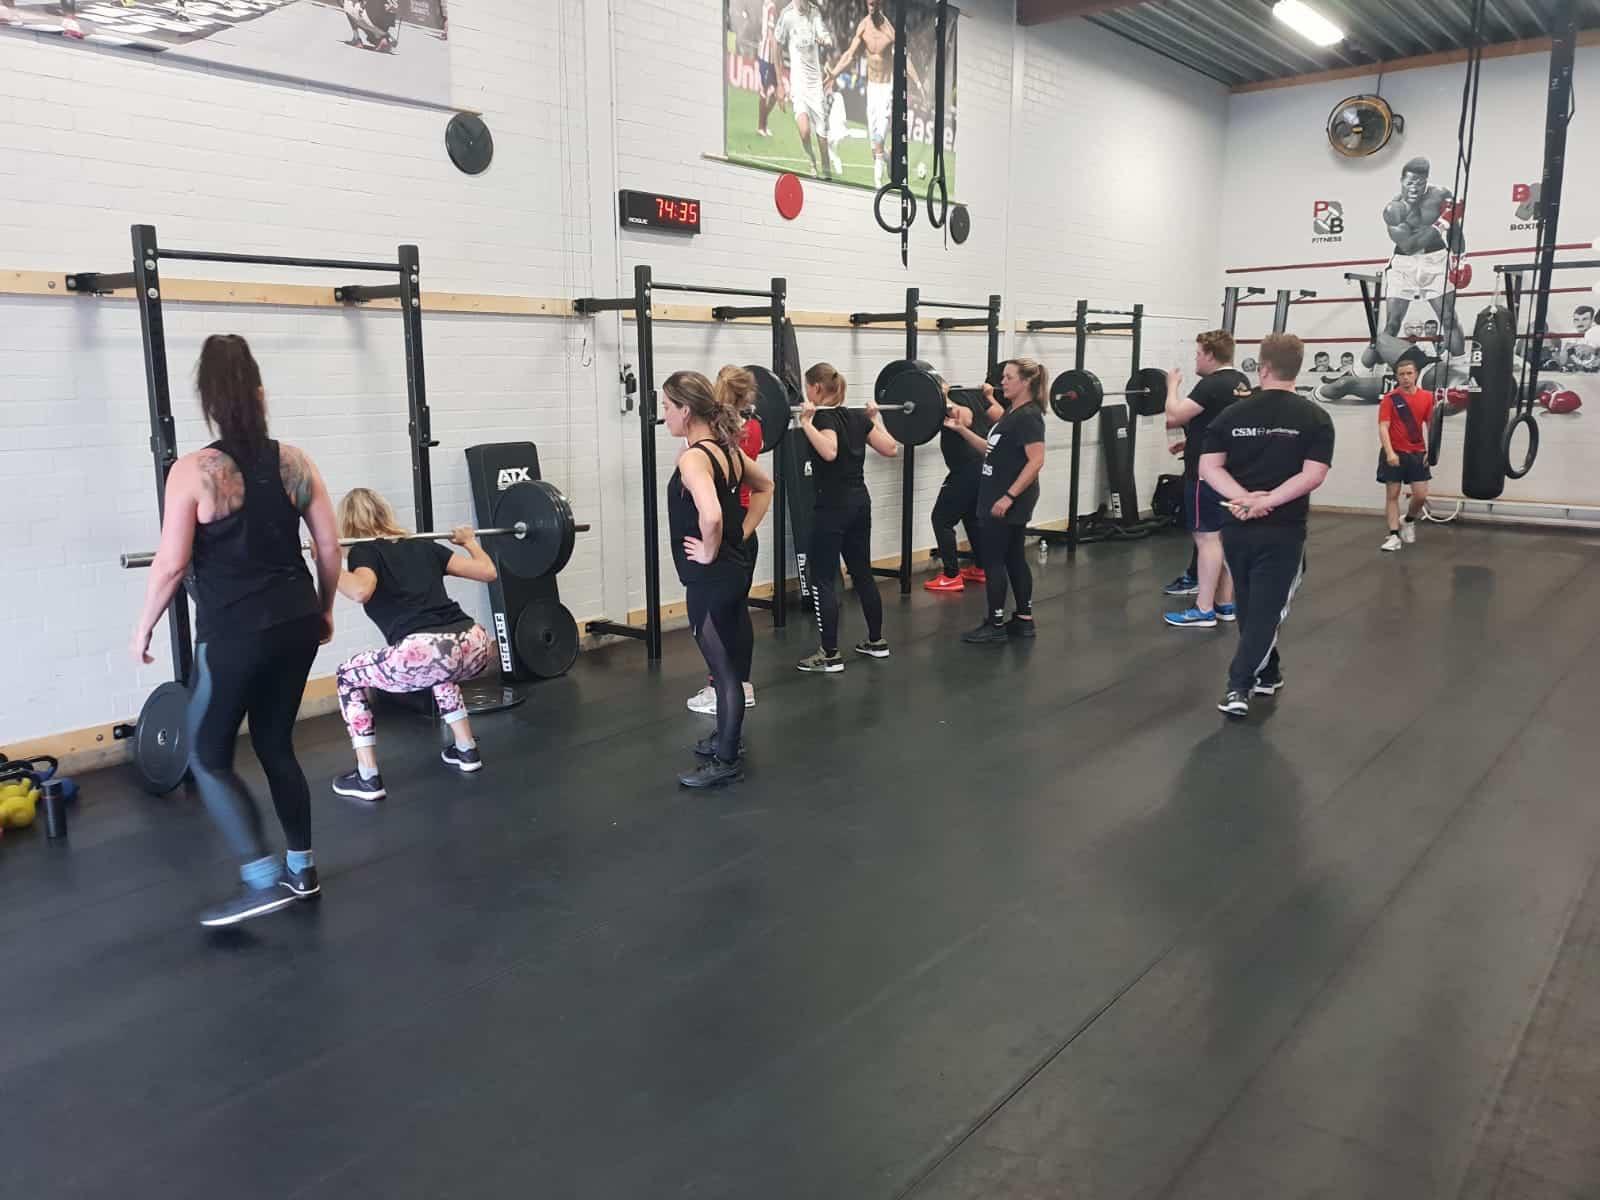 CSM Fysiotherapie squat